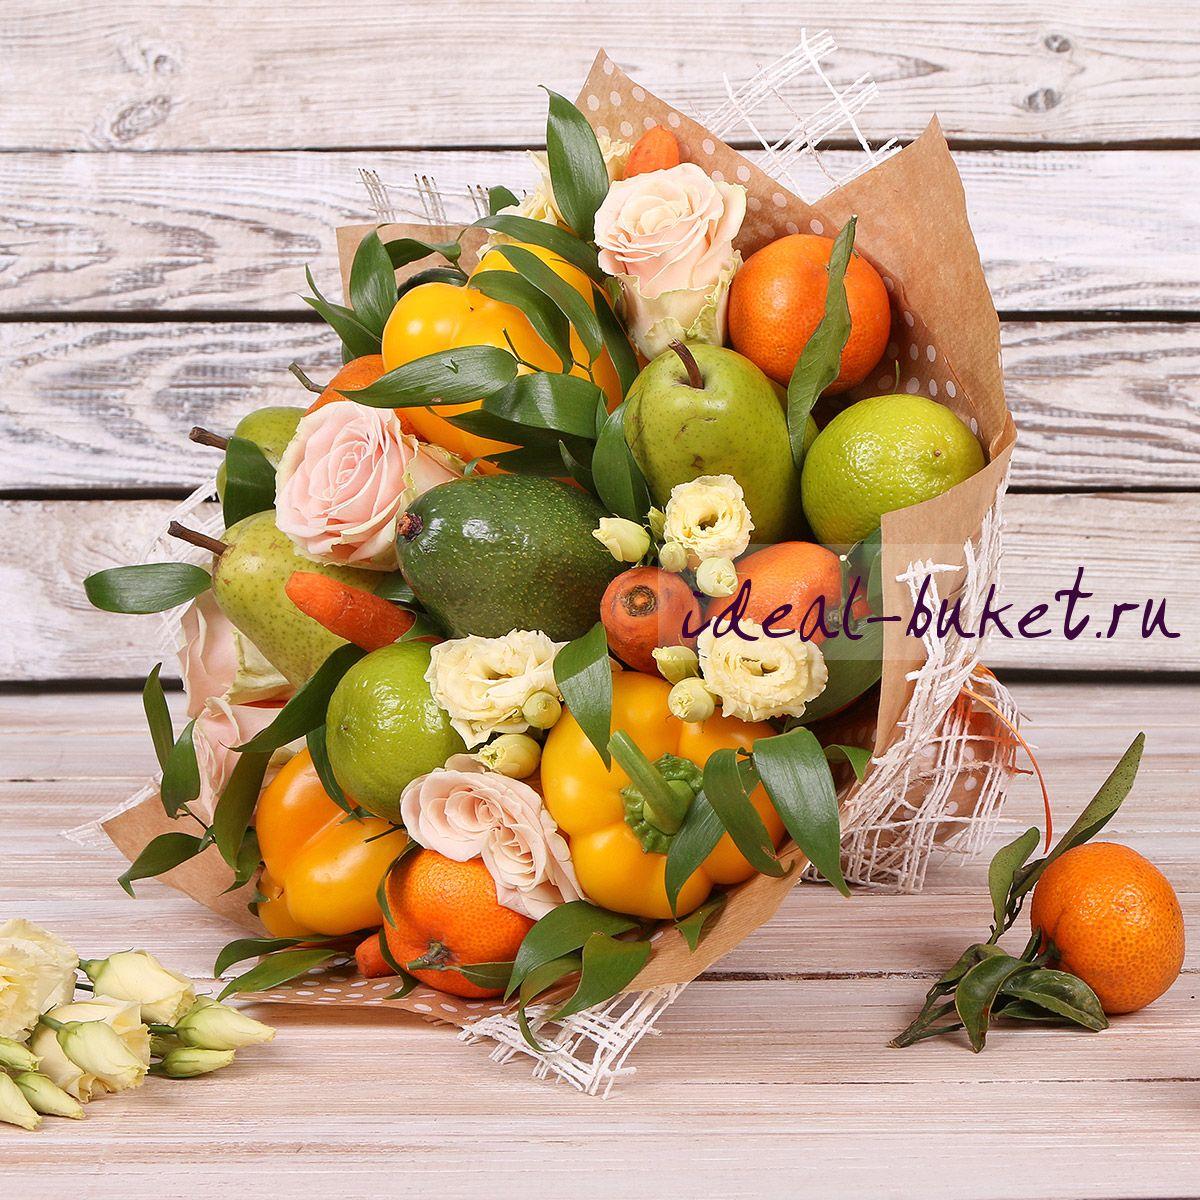 Букет подарочный из фруктов своими руками 73